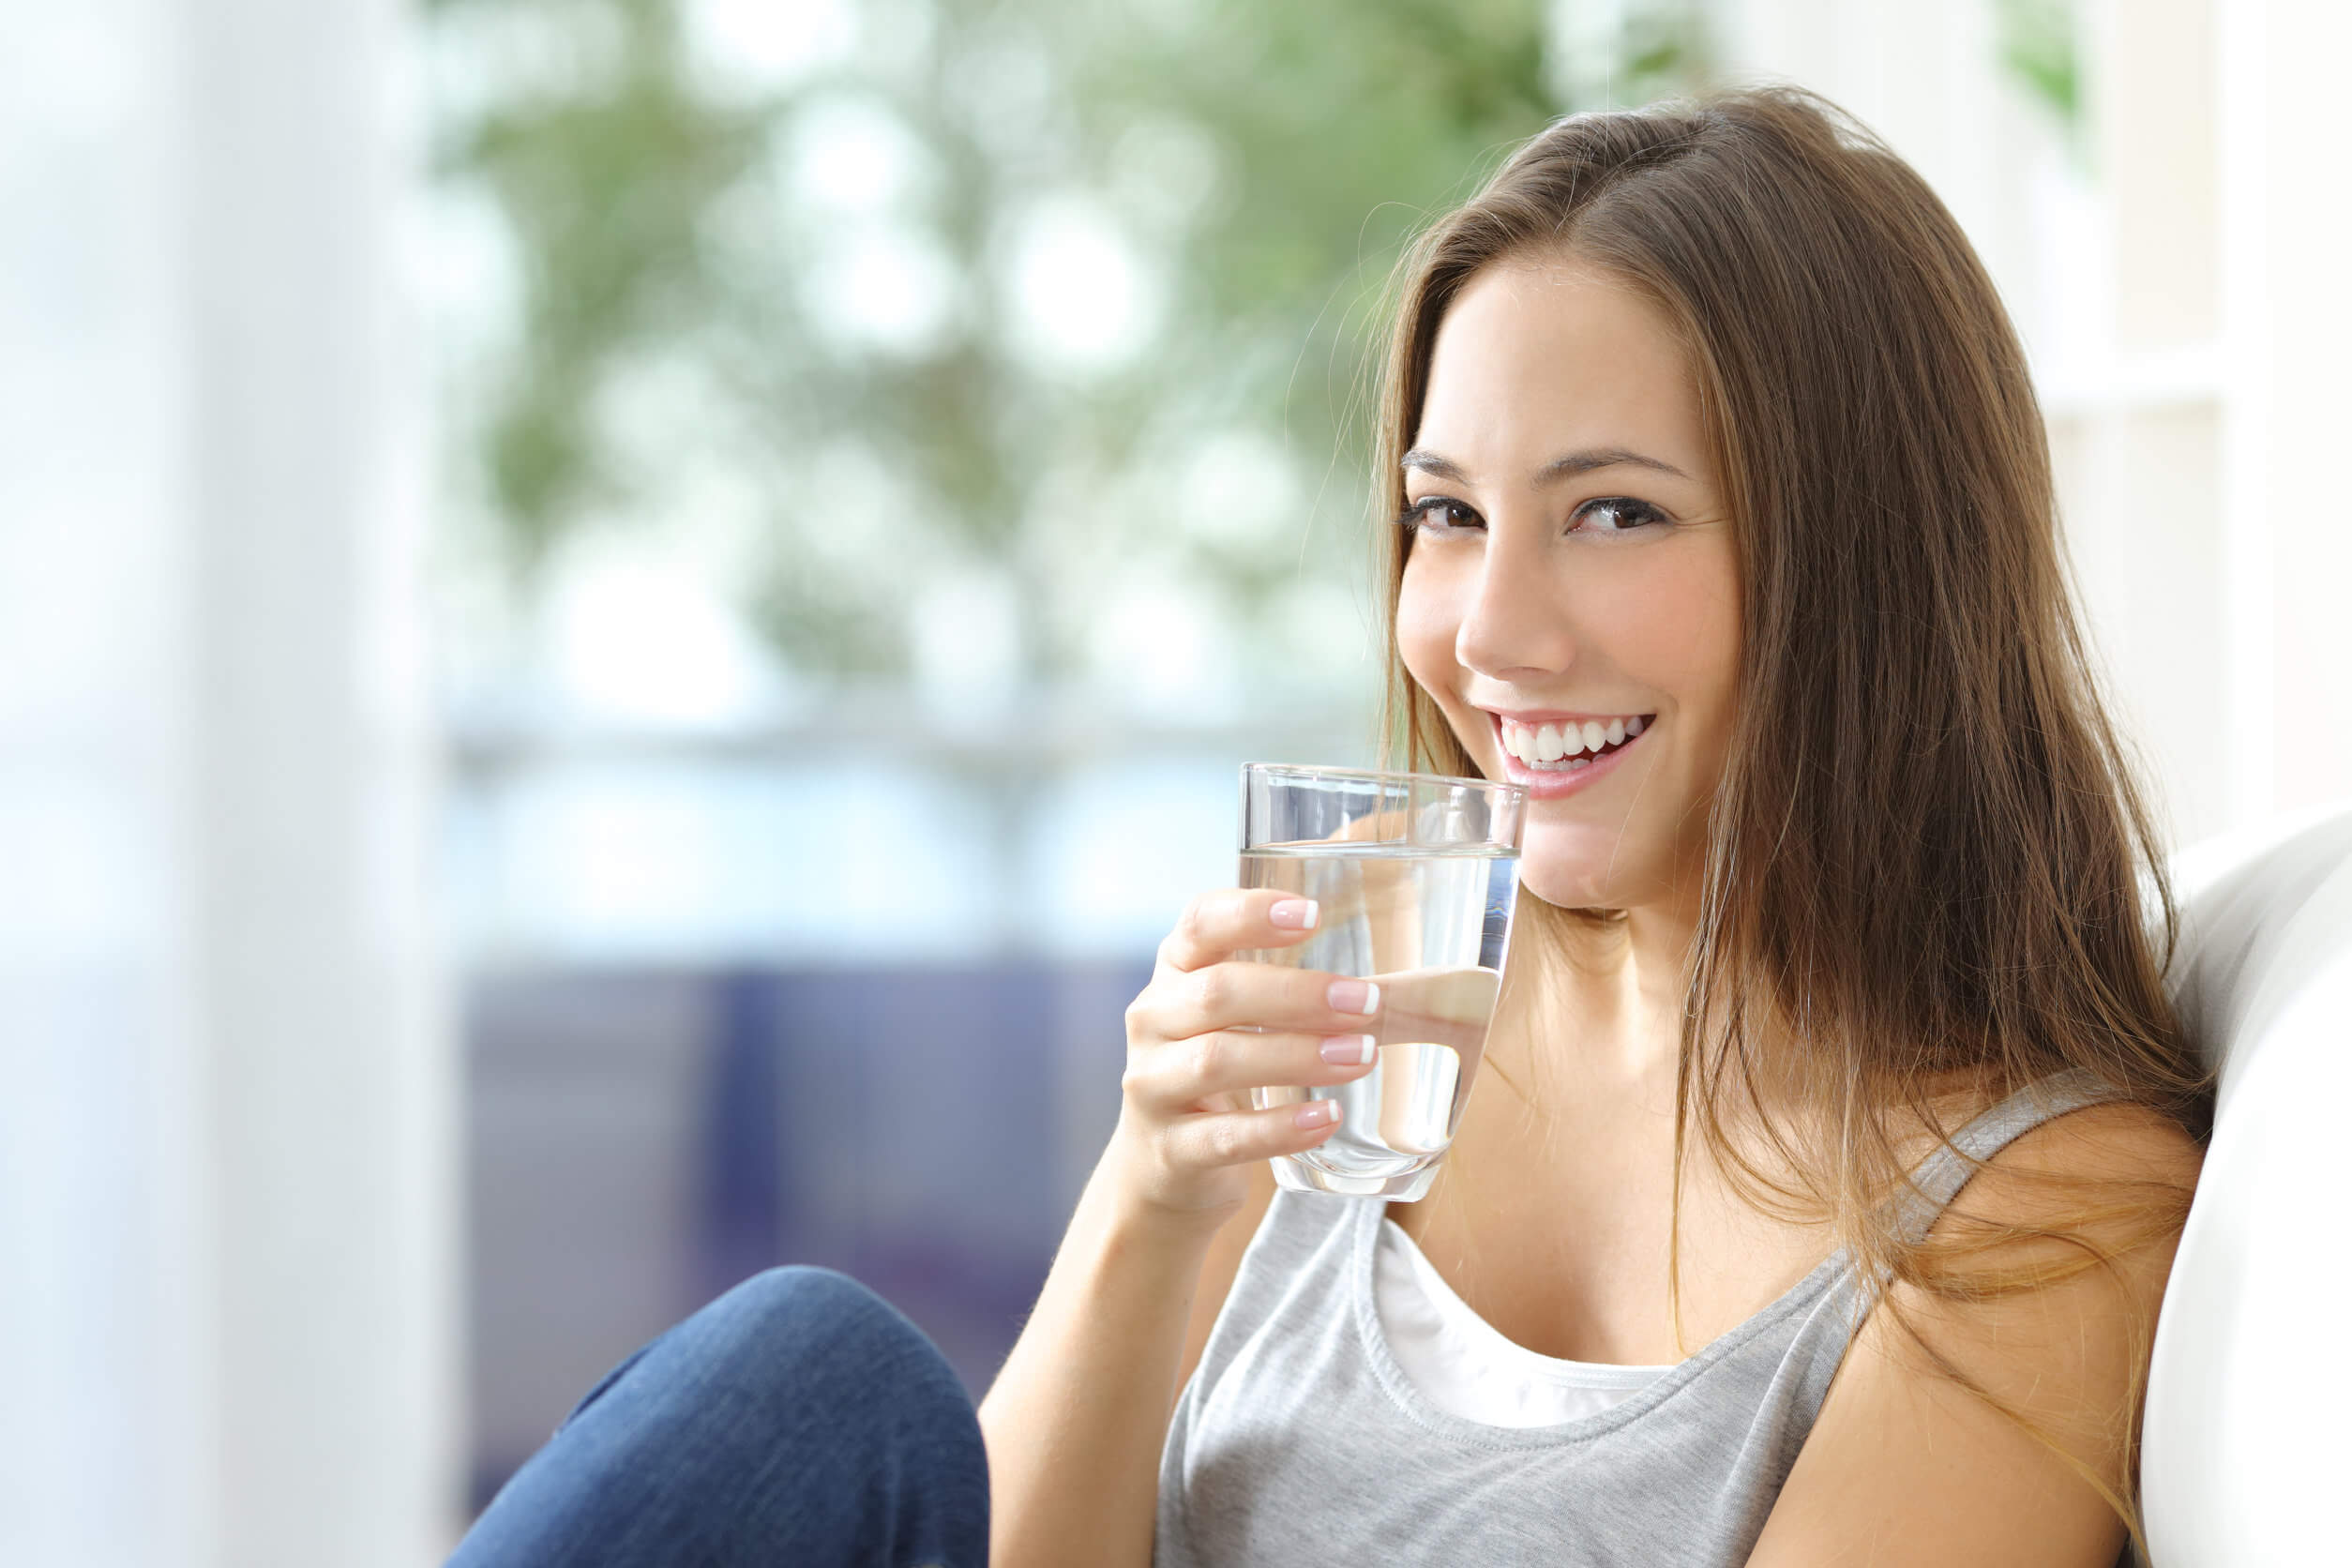 El agua: un gran estimulante metabólico